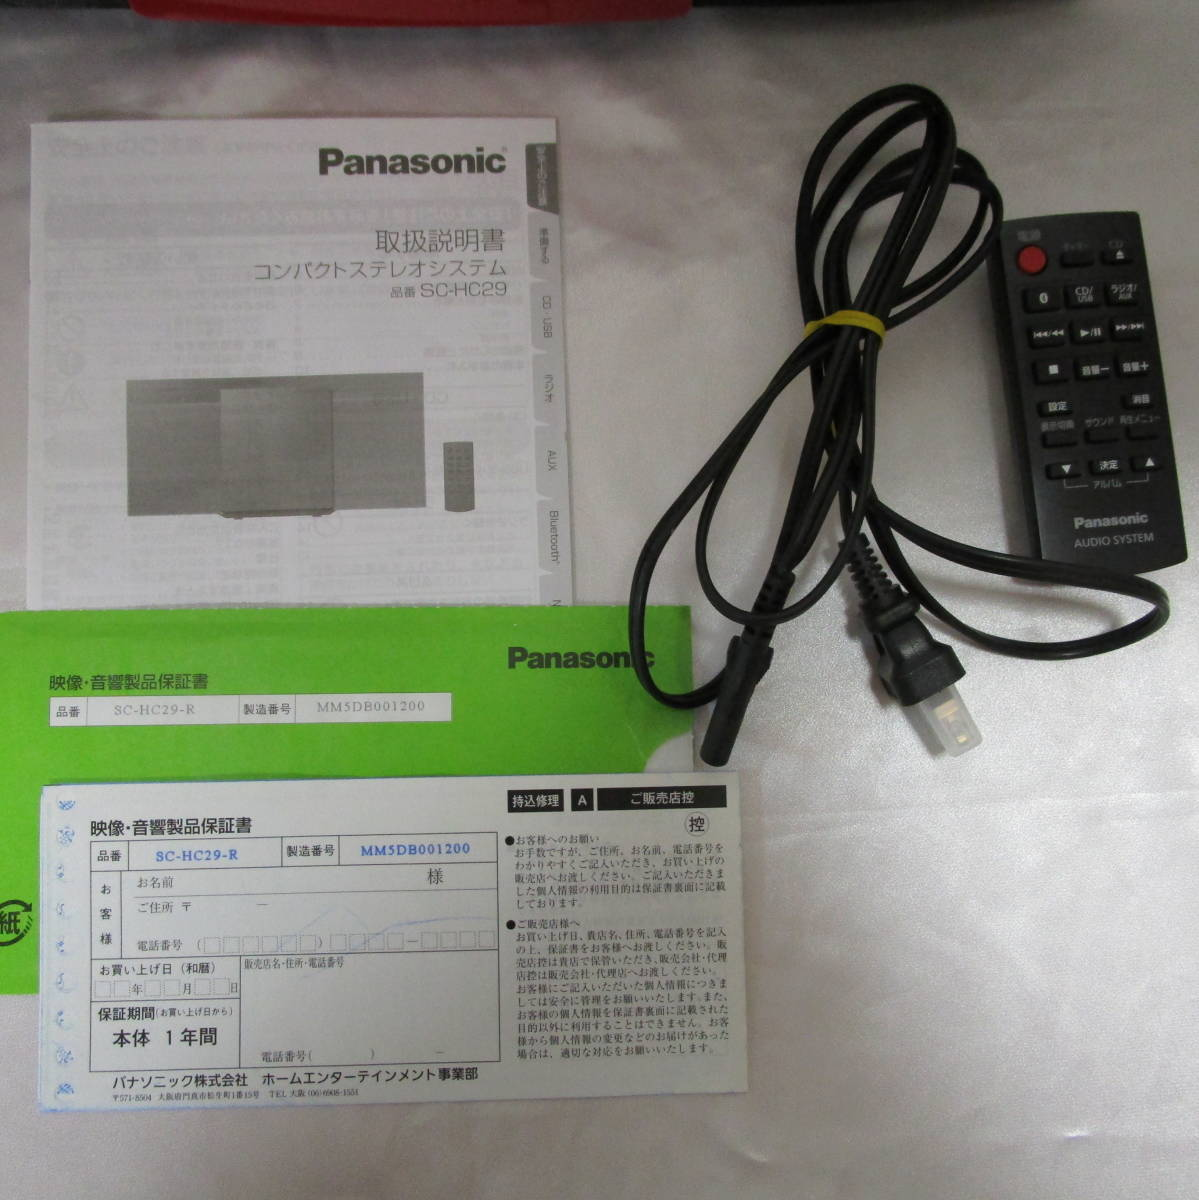 パナソニック Panasonic コンパクトステレオシステム コンポ SC-HC29-R リモコン有り 2015年購入_画像2